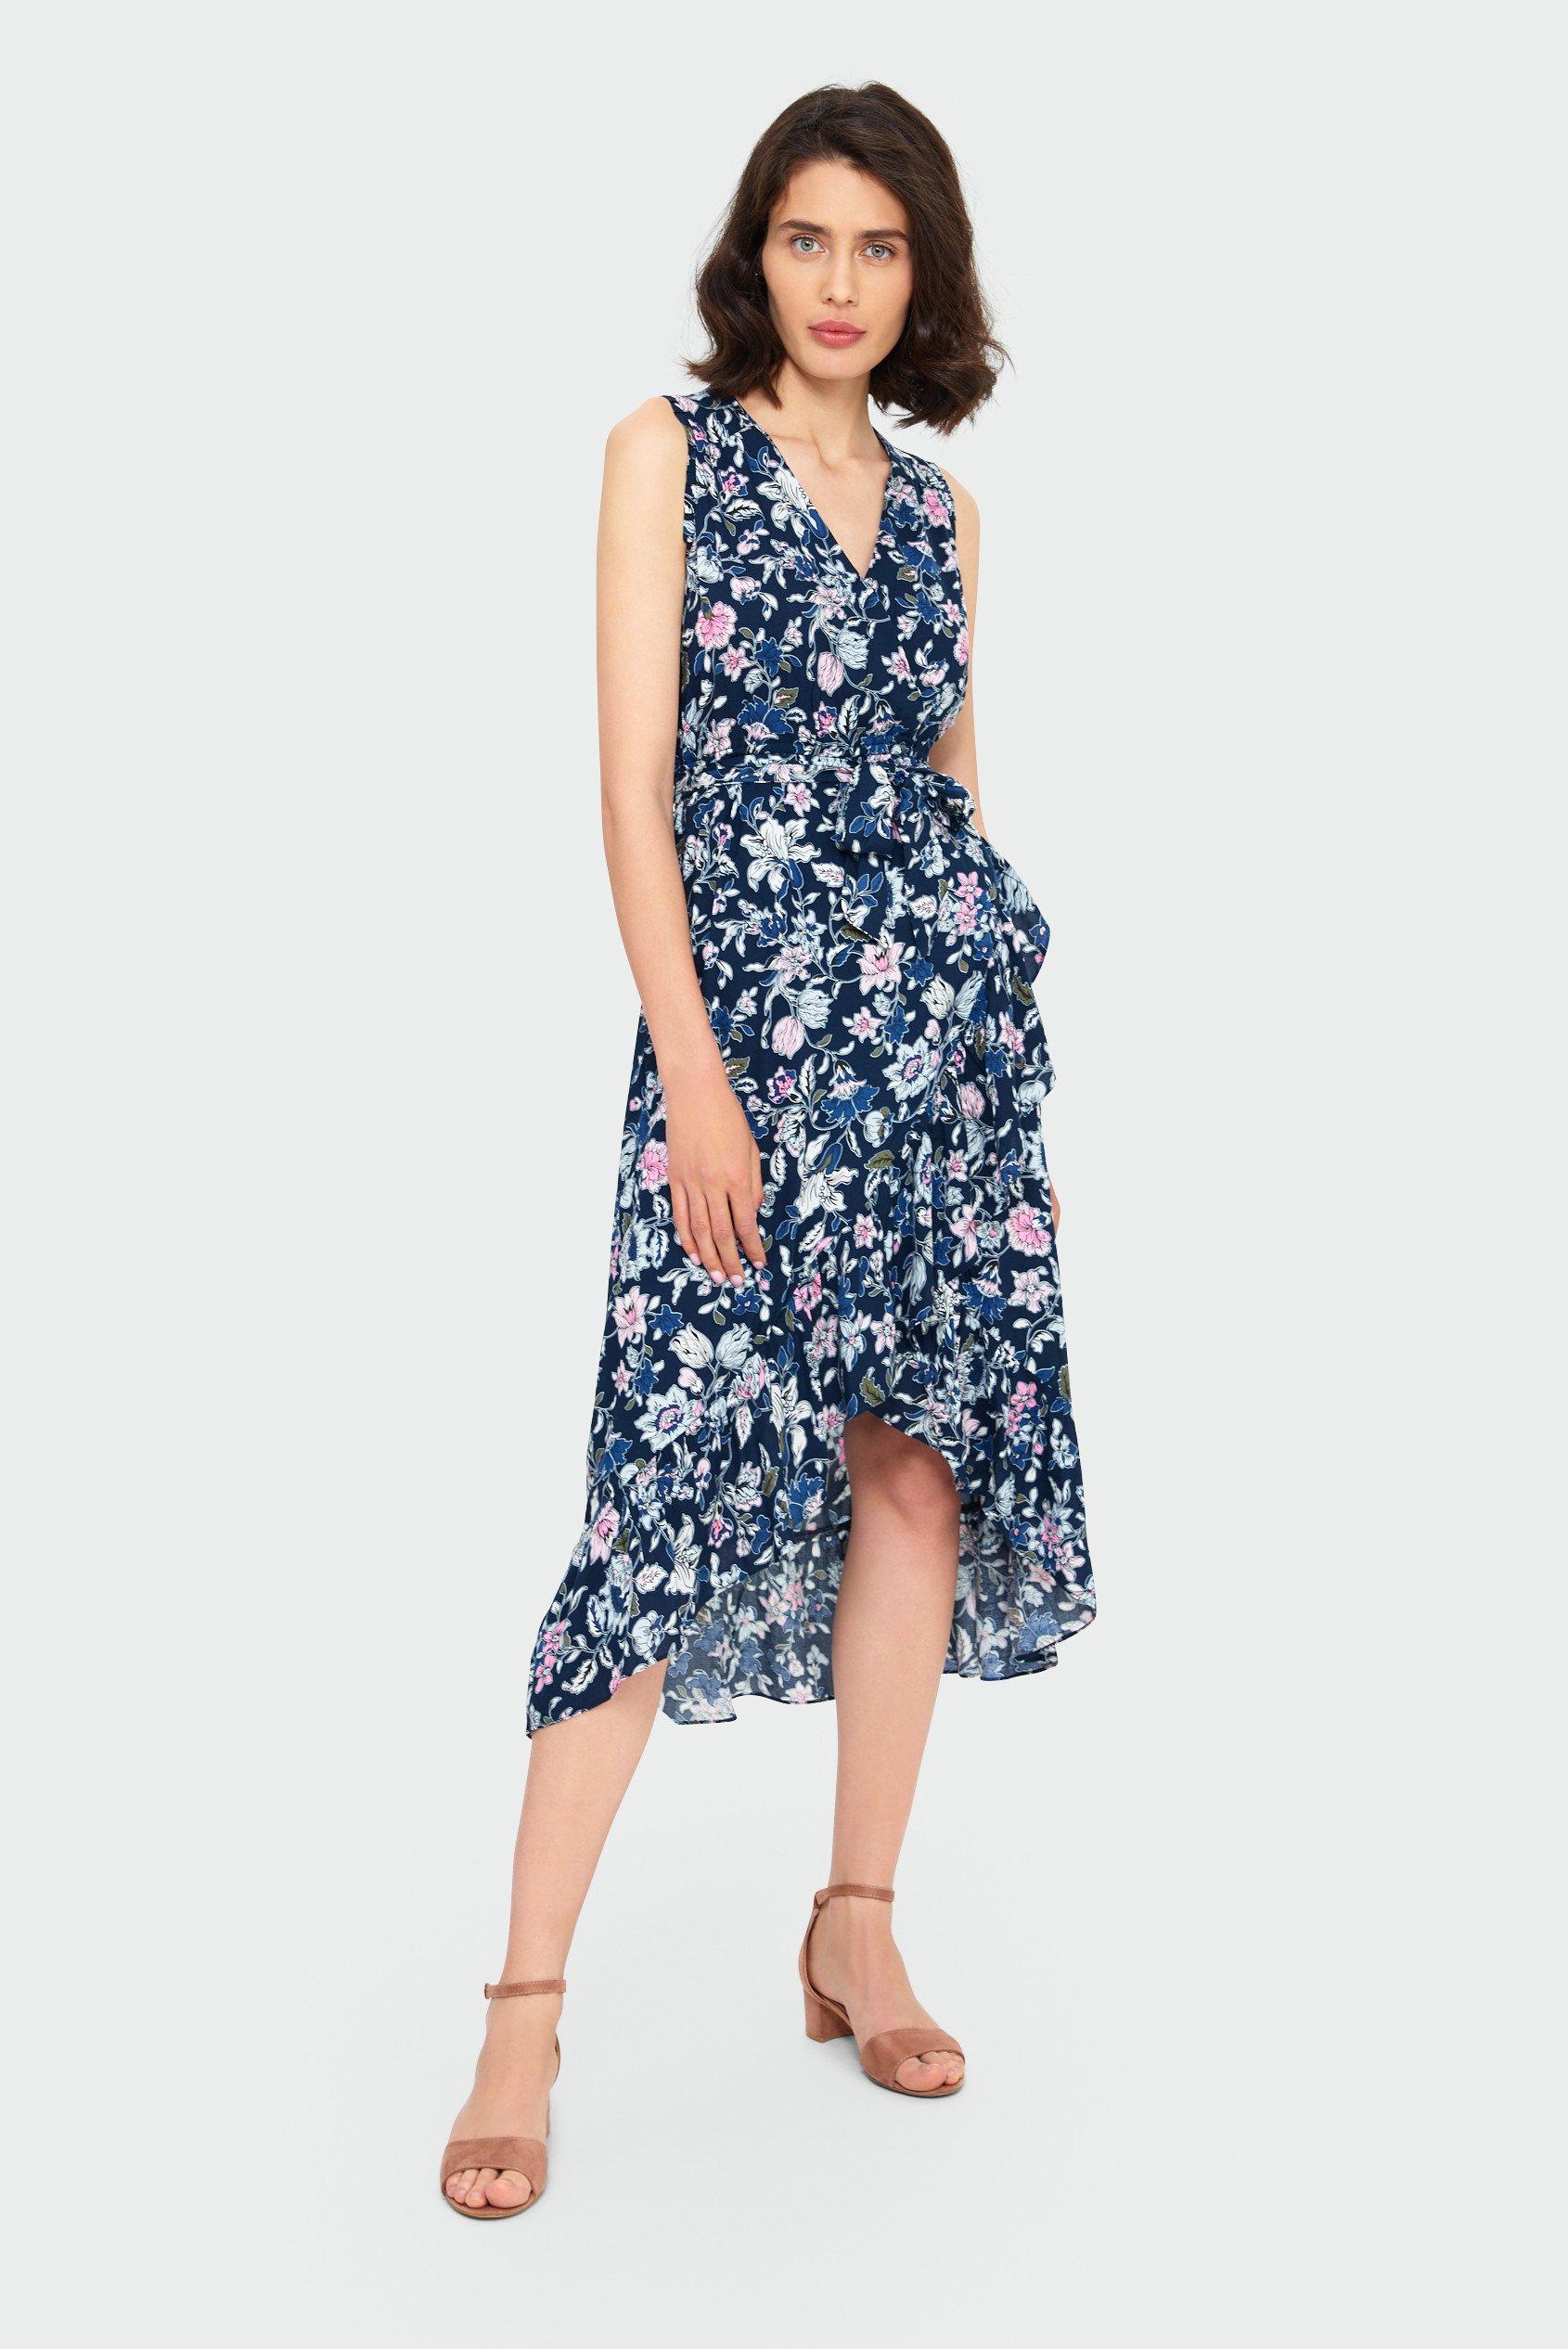 modna sukienka - kobiecy wzór